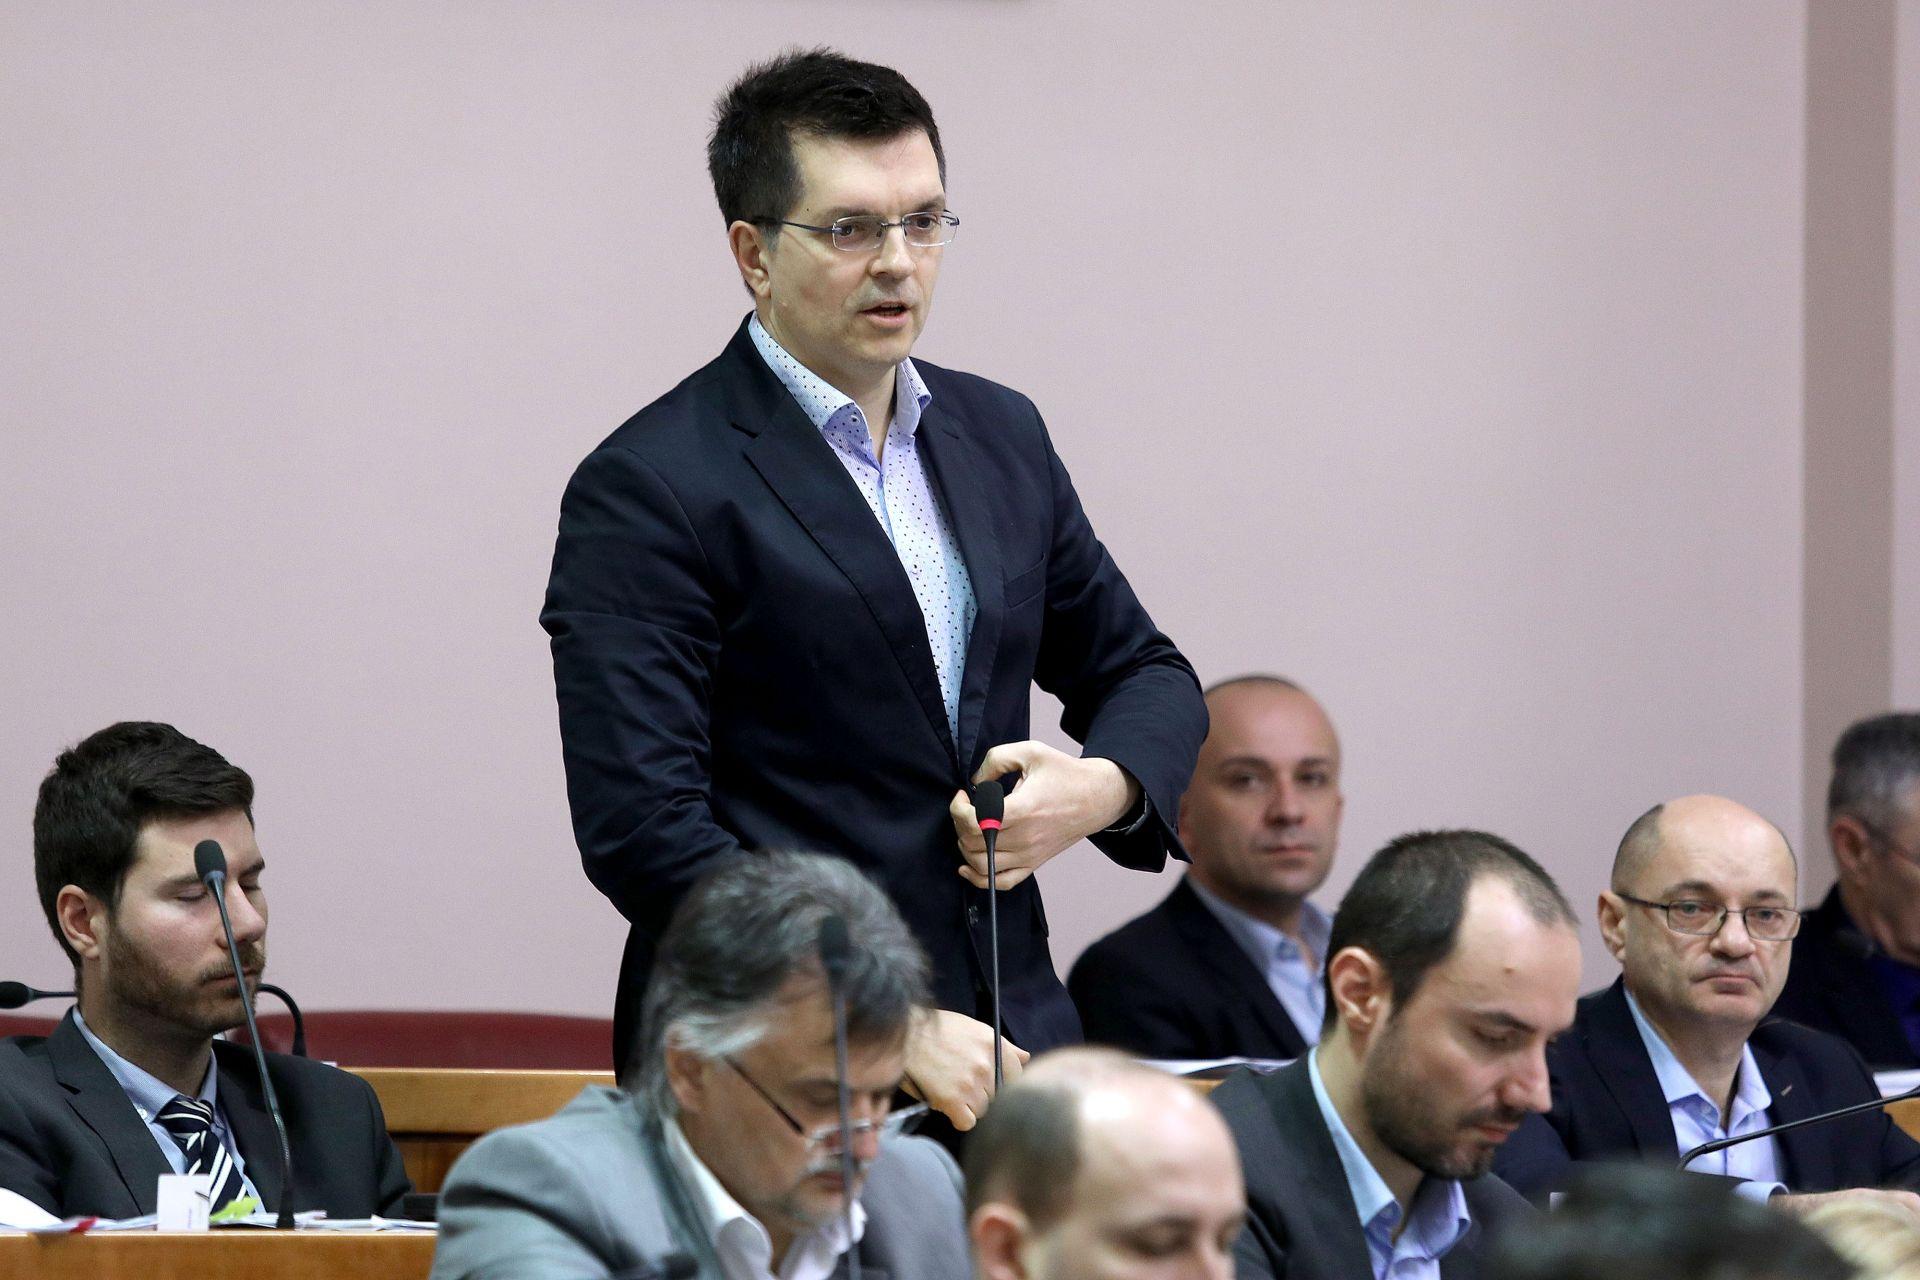 SABOR Bunjac upozorio na bahato ponašanje sanacijske uprave u Jadranskoj banci